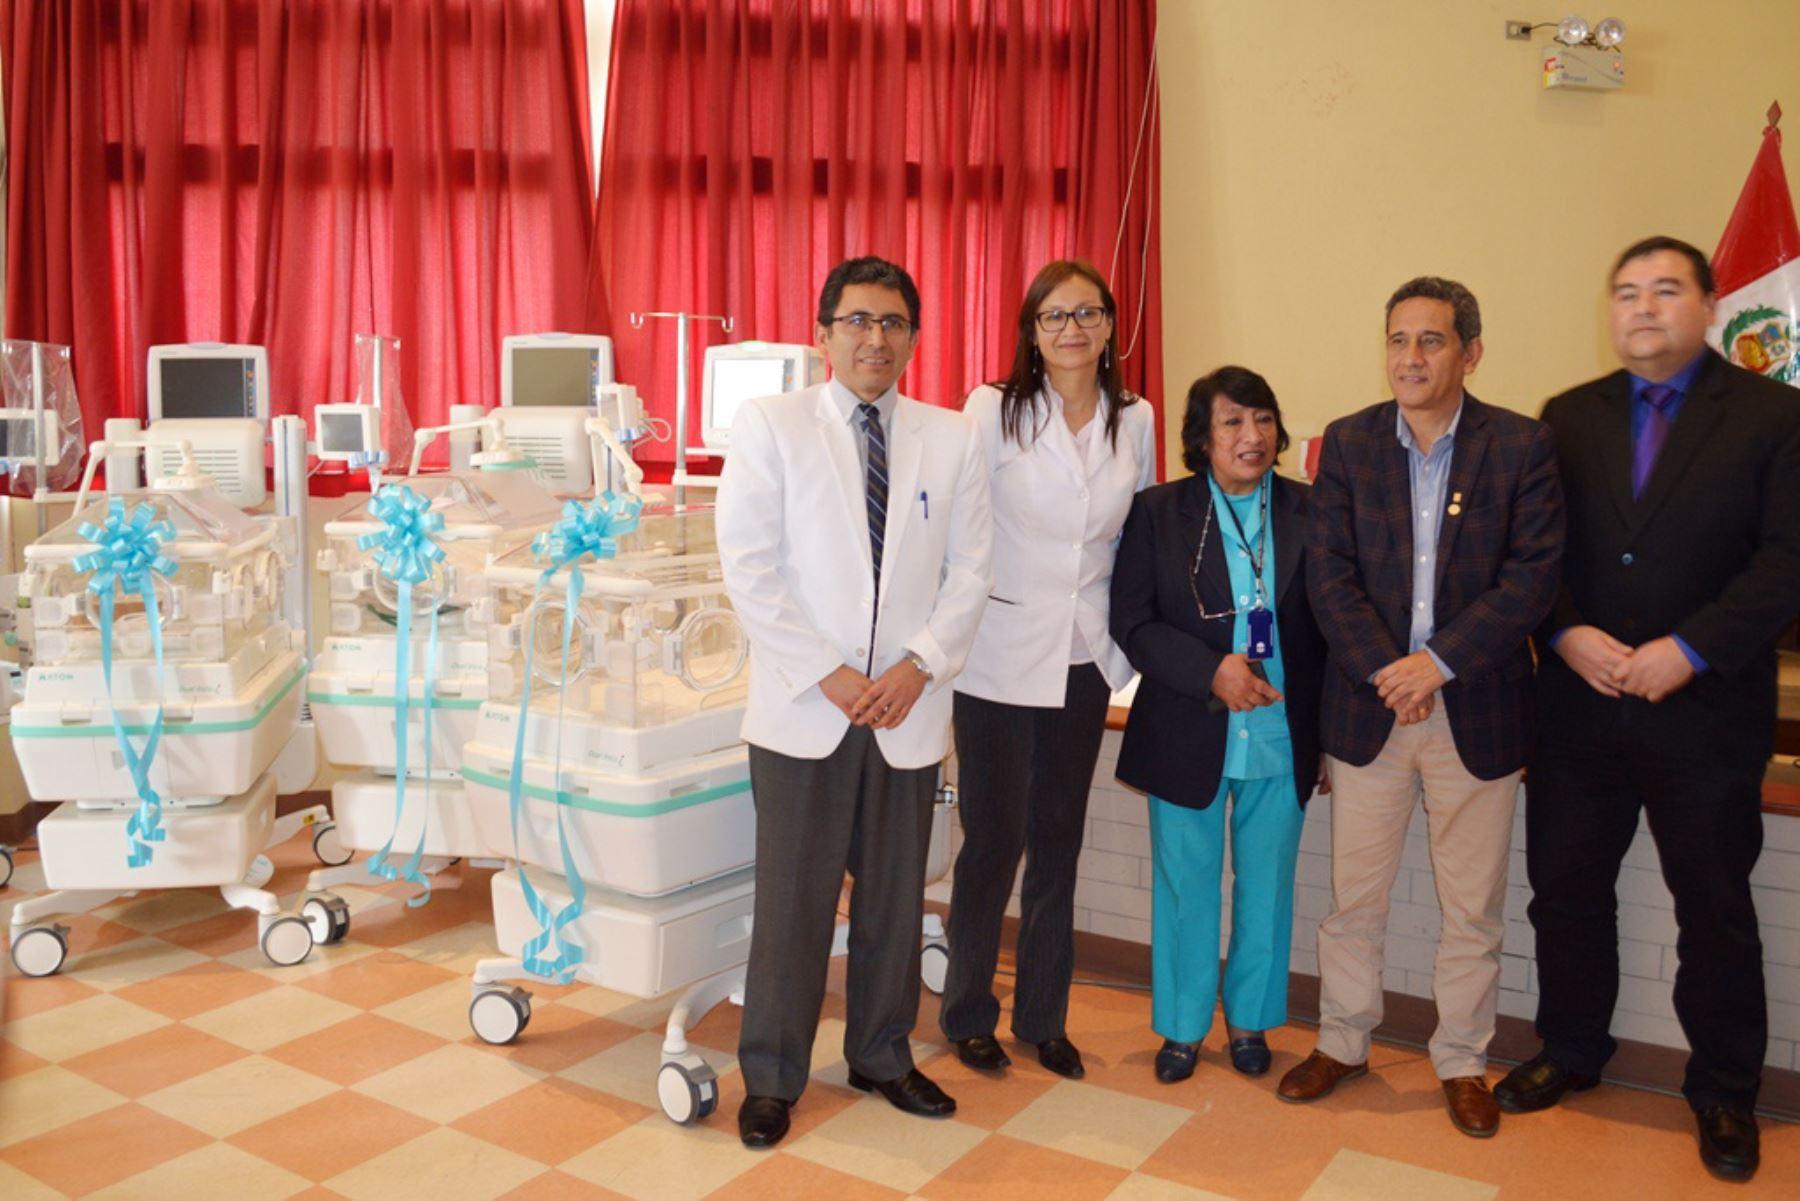 La Unidad de Neonatología del Hospital Regional de Cajamarca cuenta con seis nuevas incubadoras de última generación. Foto: ANDINA/Eduard Lozano